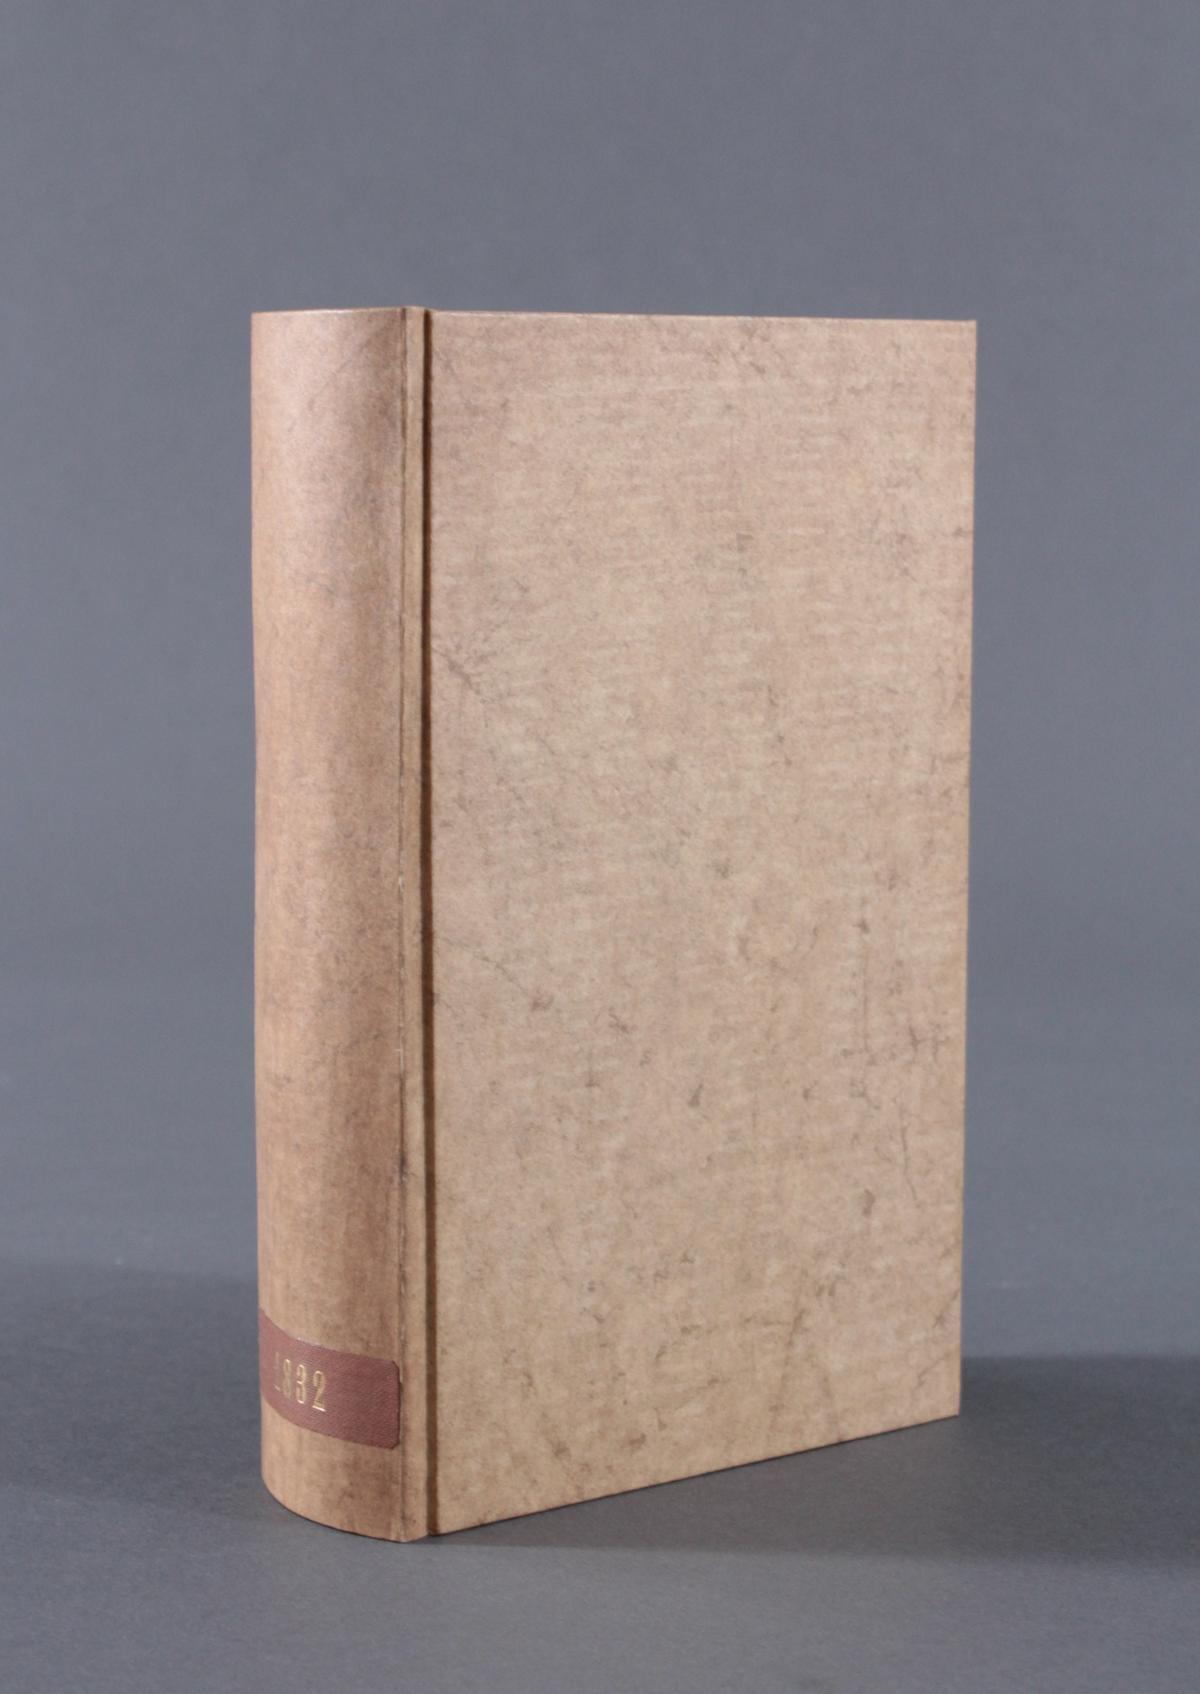 Wörterbuch von 1832, Latein, deutsch, französisch und tschechisch